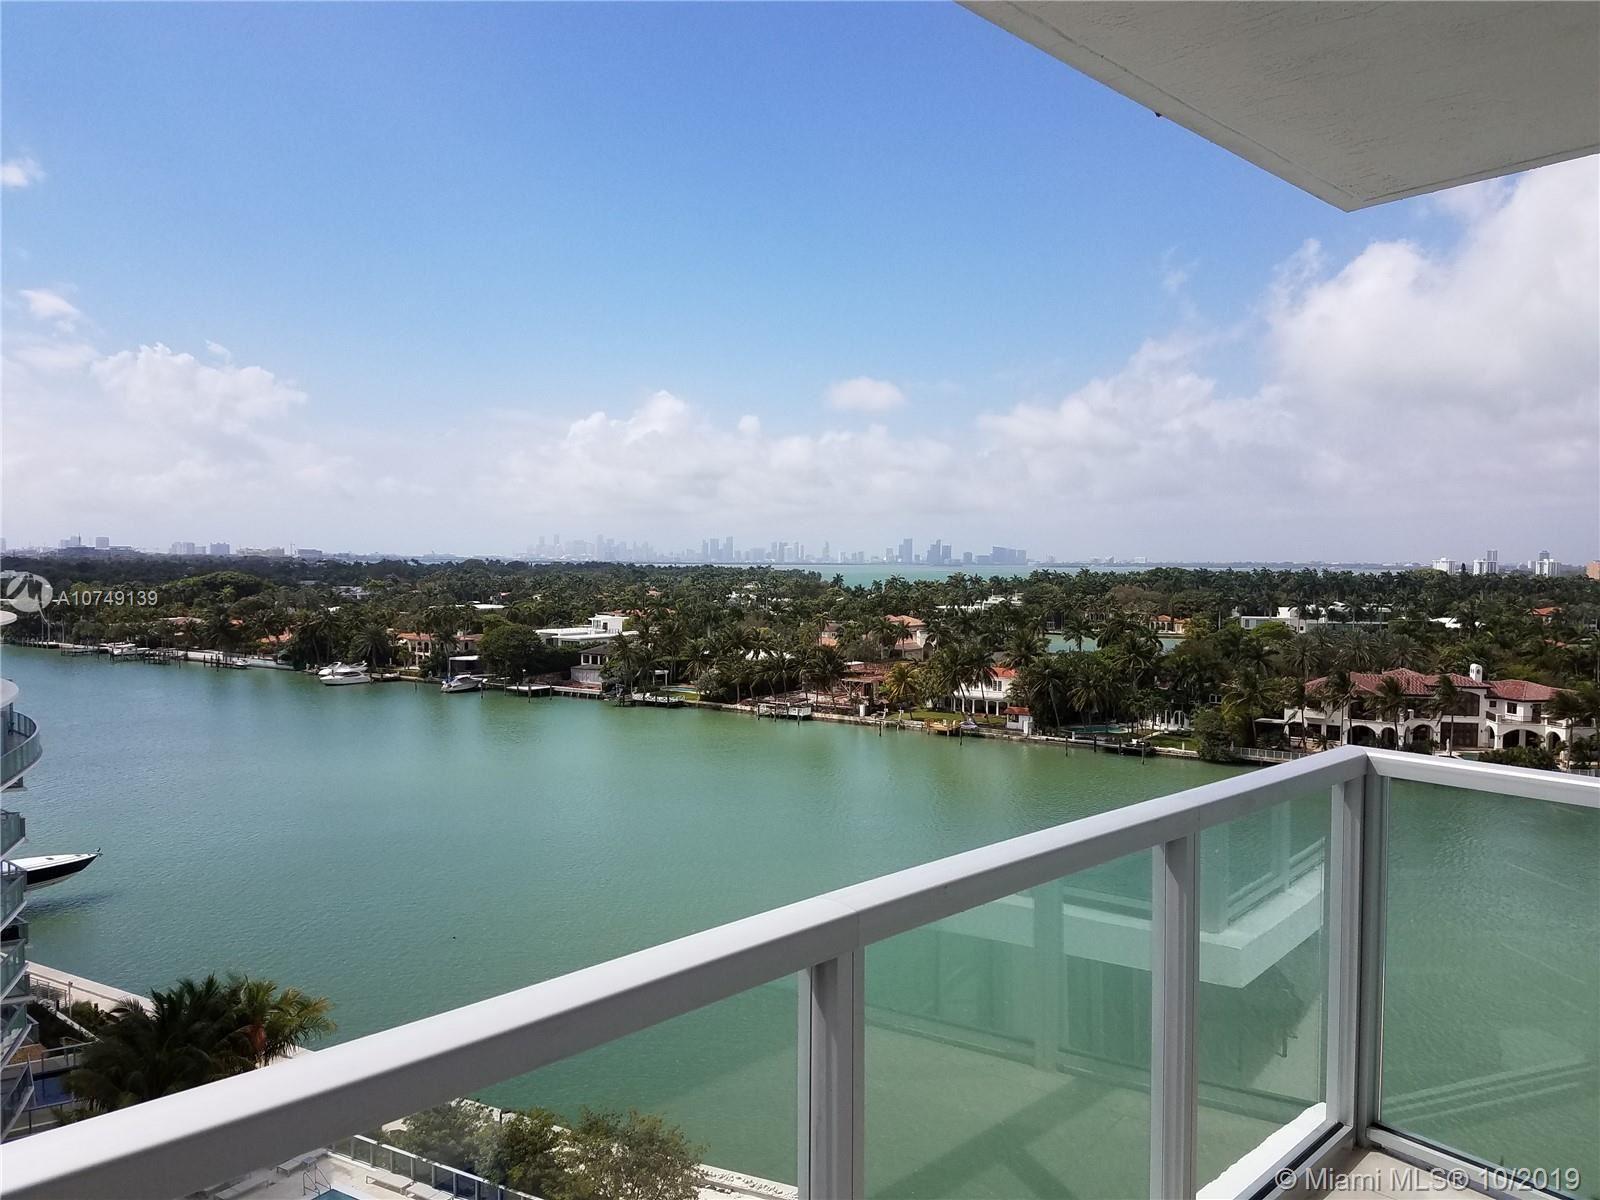 6700 Indian Creek Dr #1003, Miami Beach, FL 33141 - #: A10749139